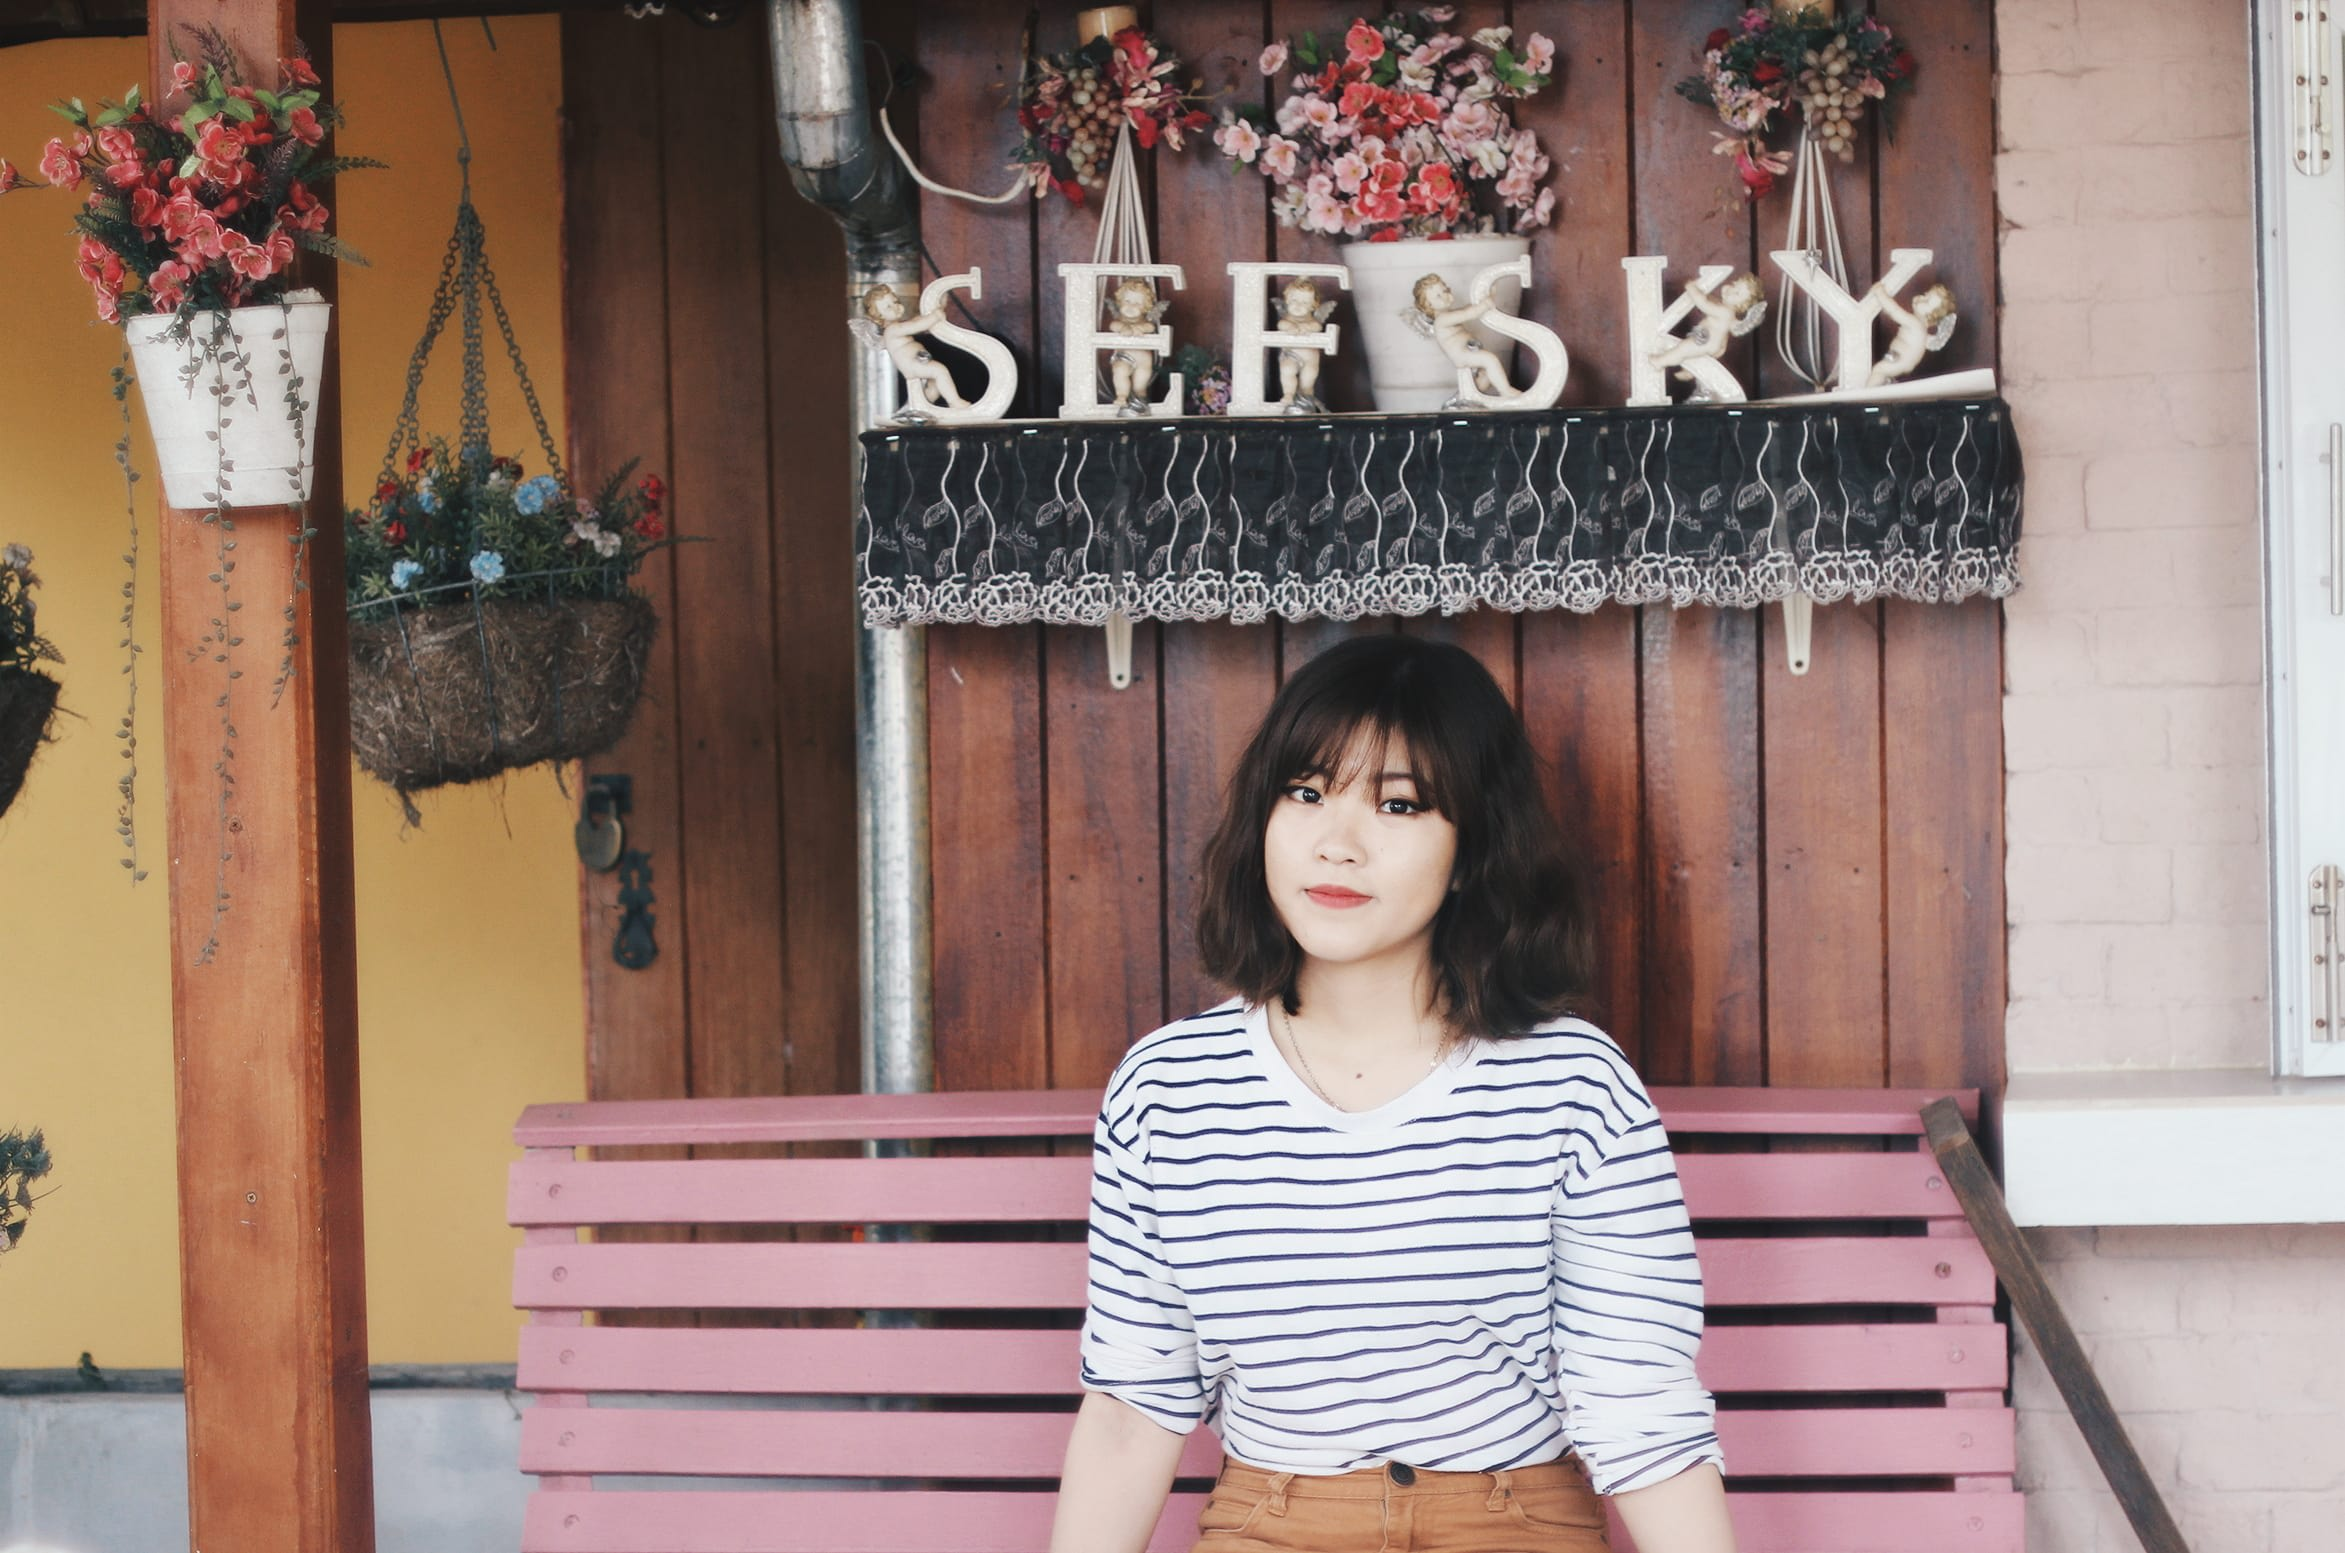 du lịch khao yai - seesky camp